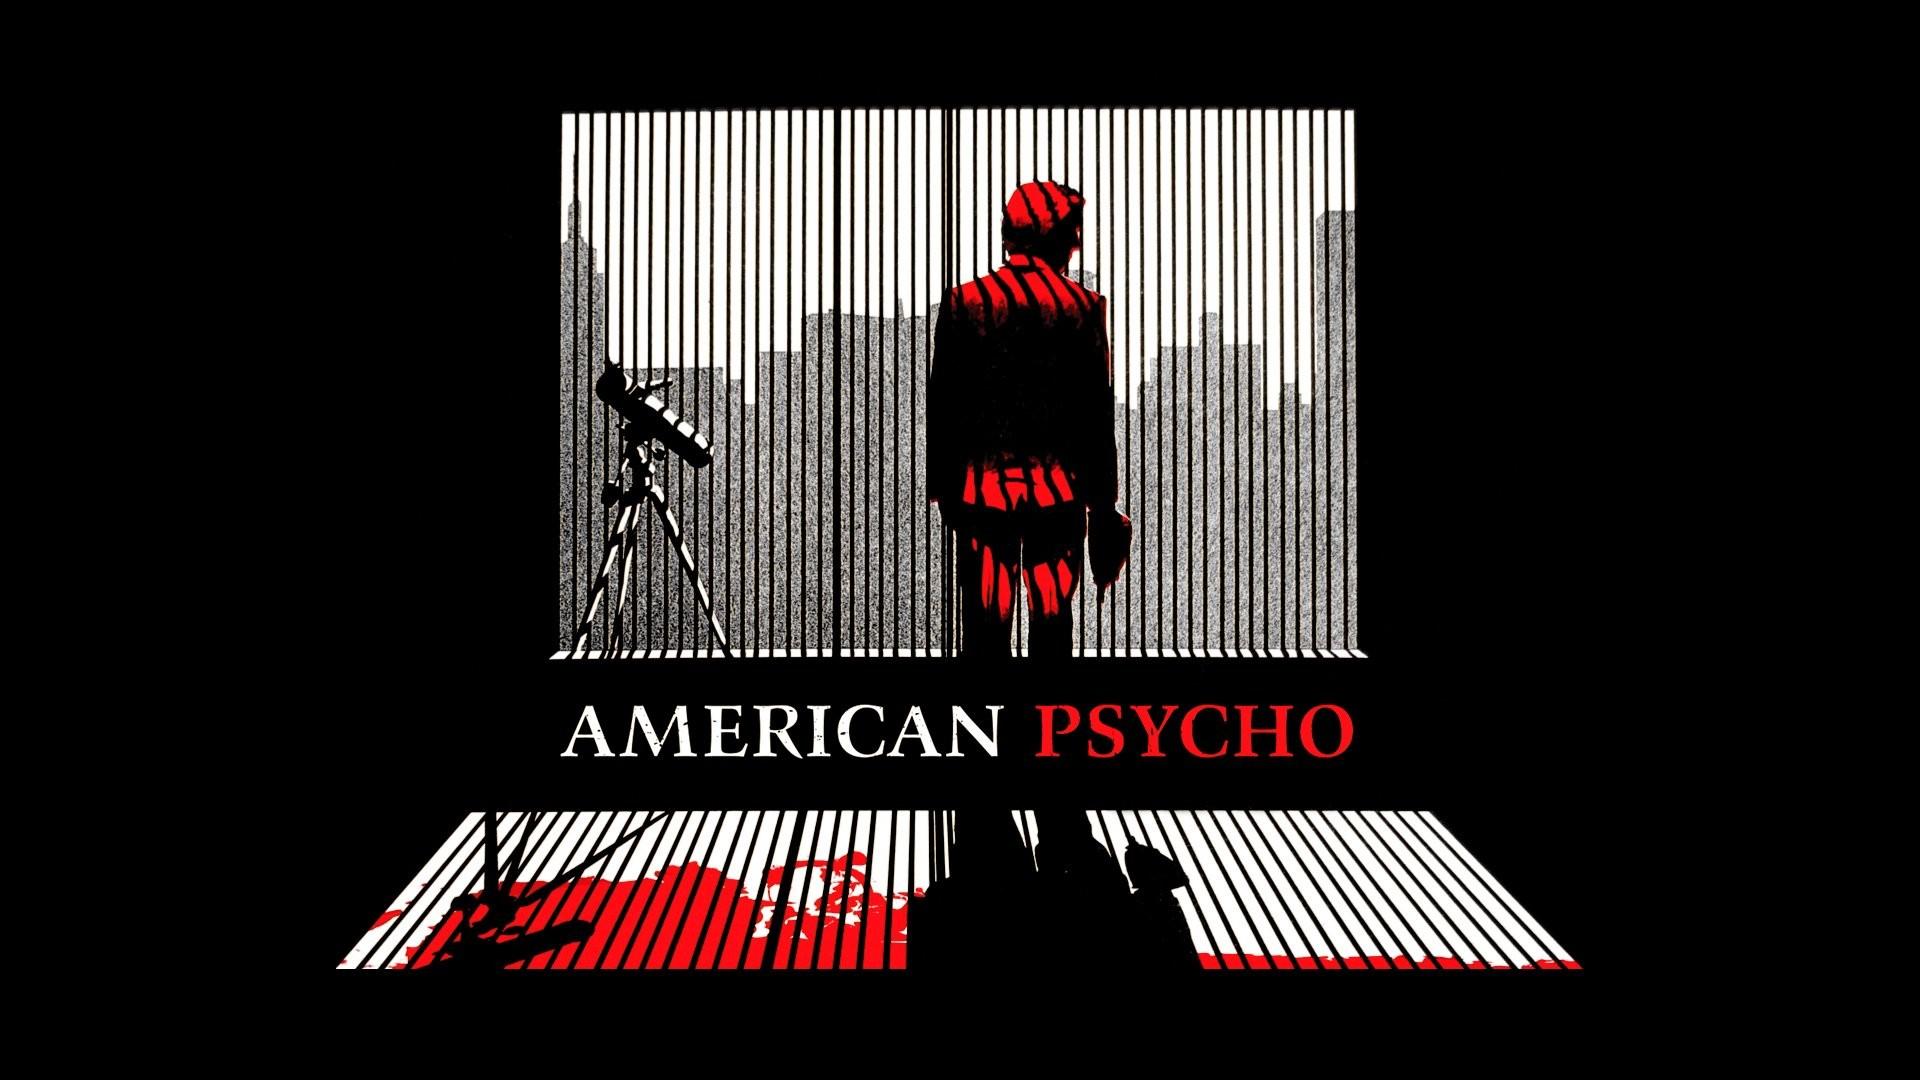 … american psycho wallpaper wallpapersafari …